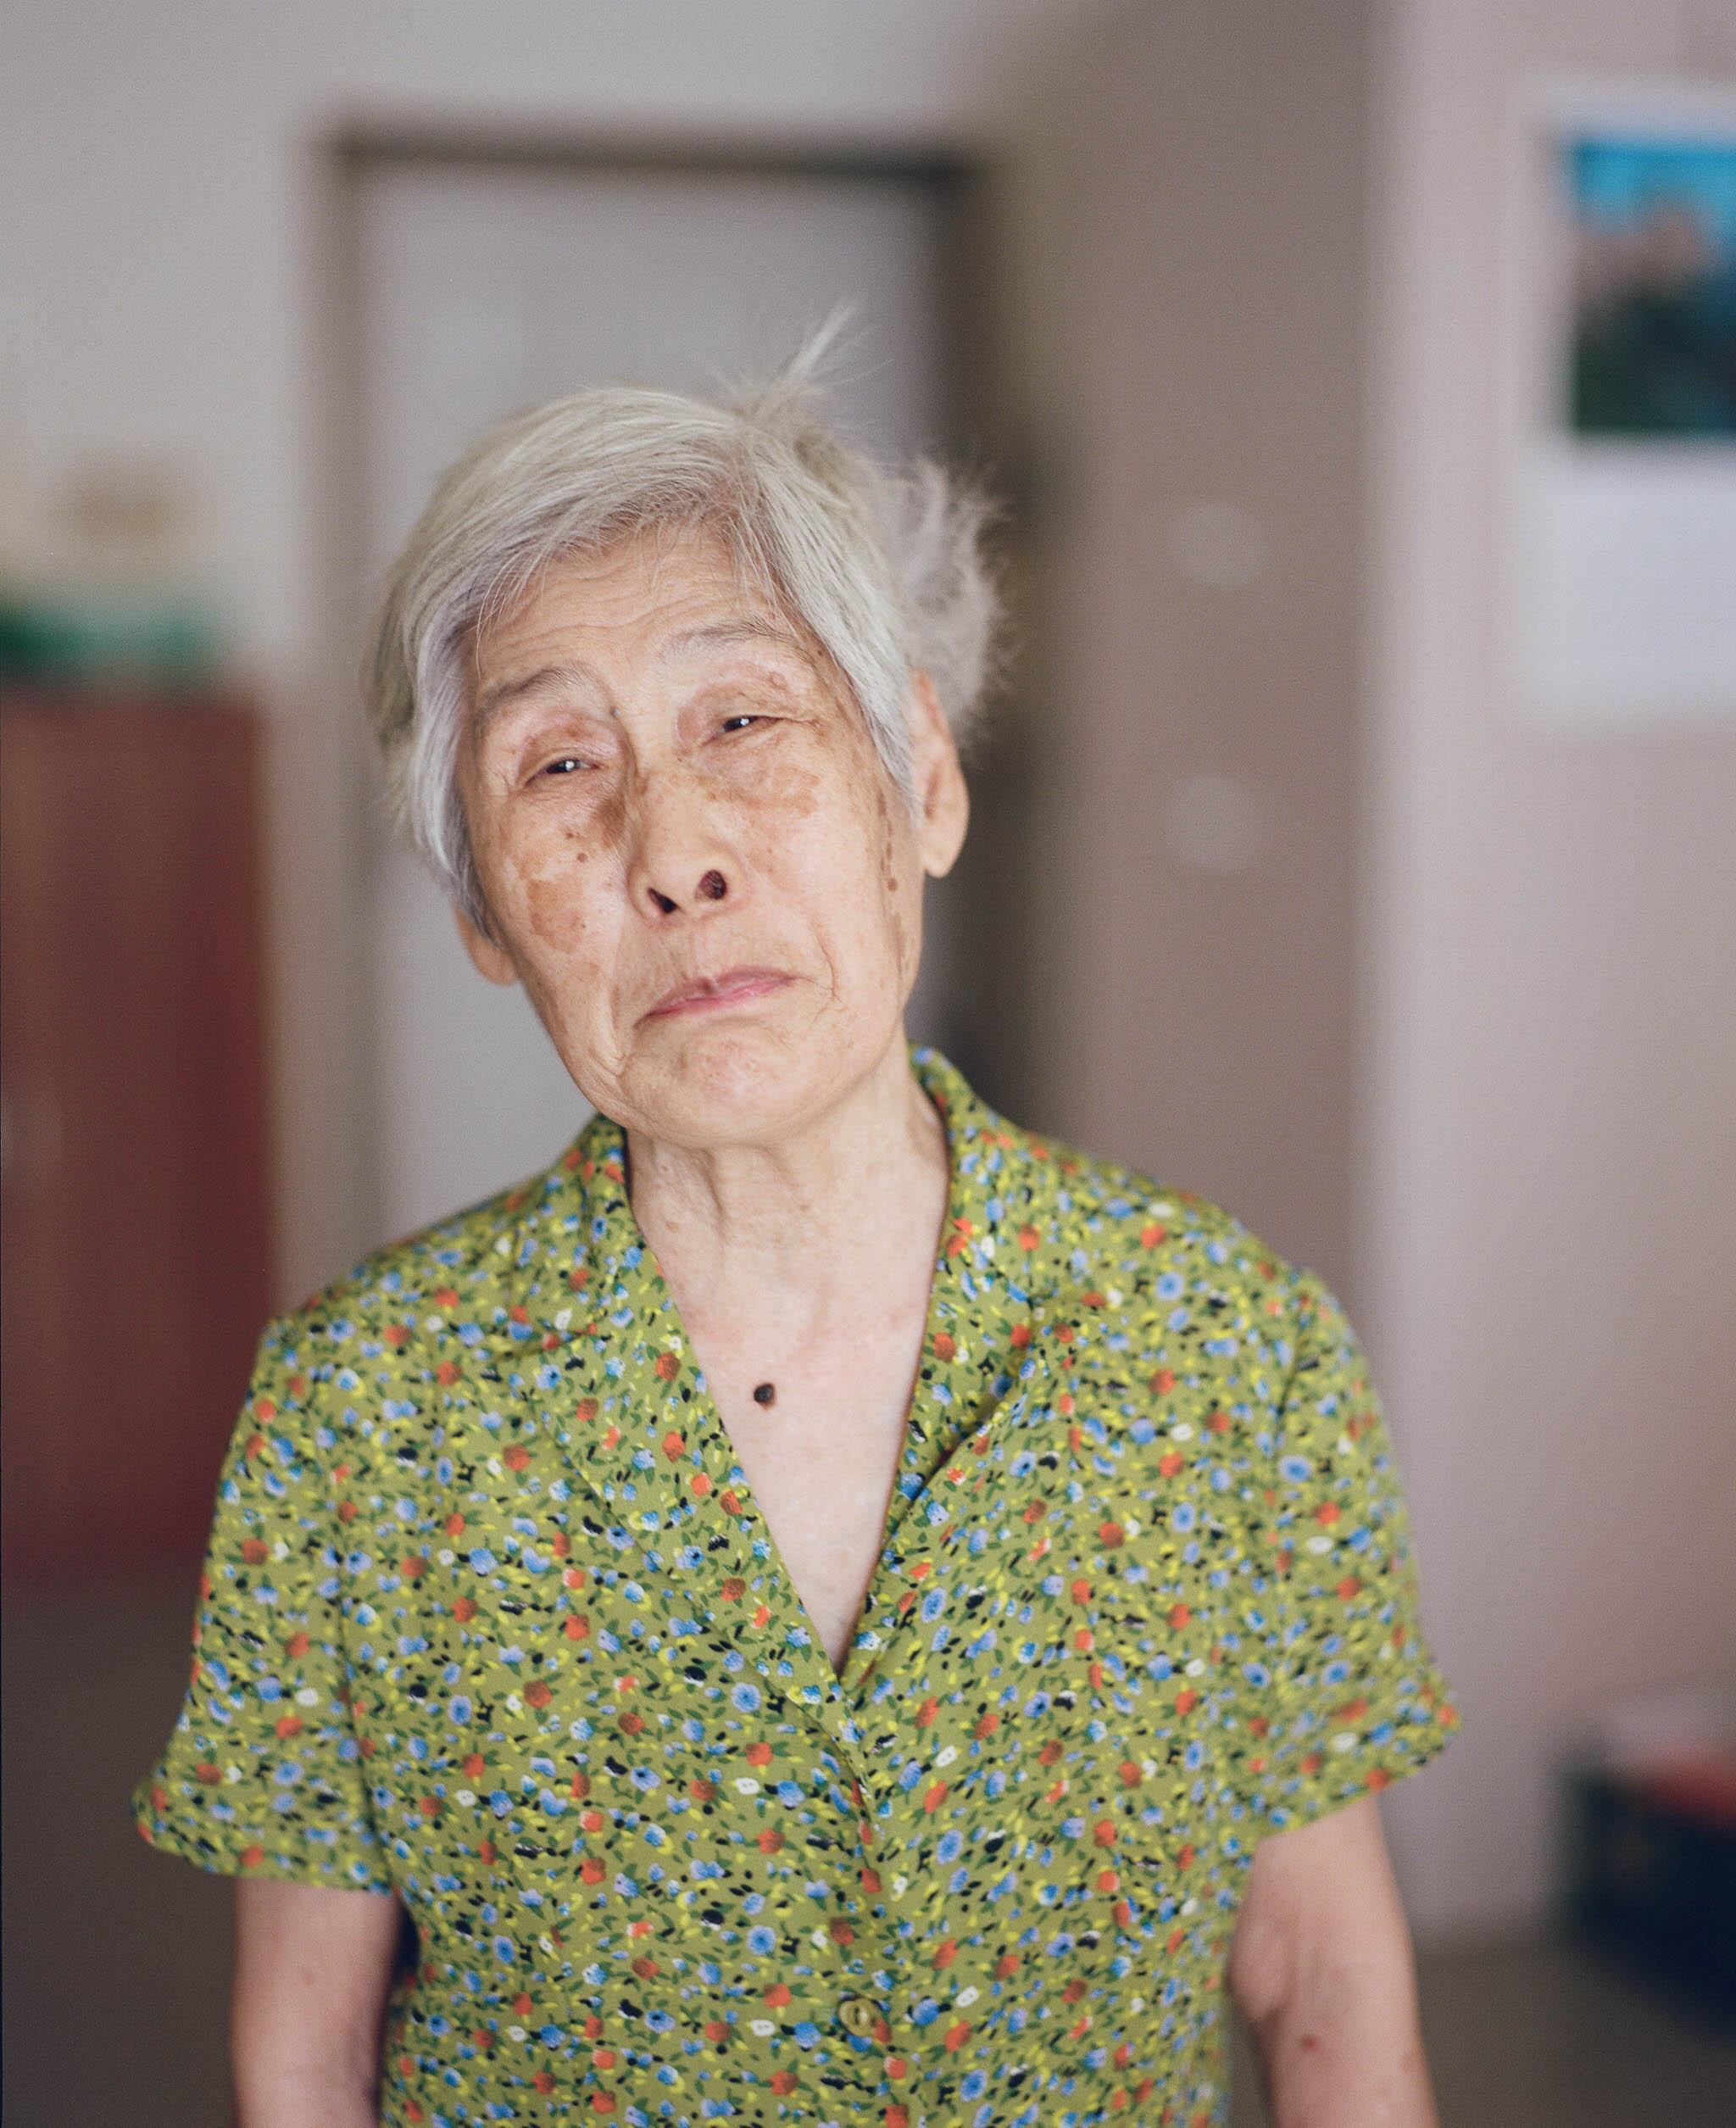 honda-wang-pentax-67-medium-format-film-camera-film-objektiv-100-words-9.jpg